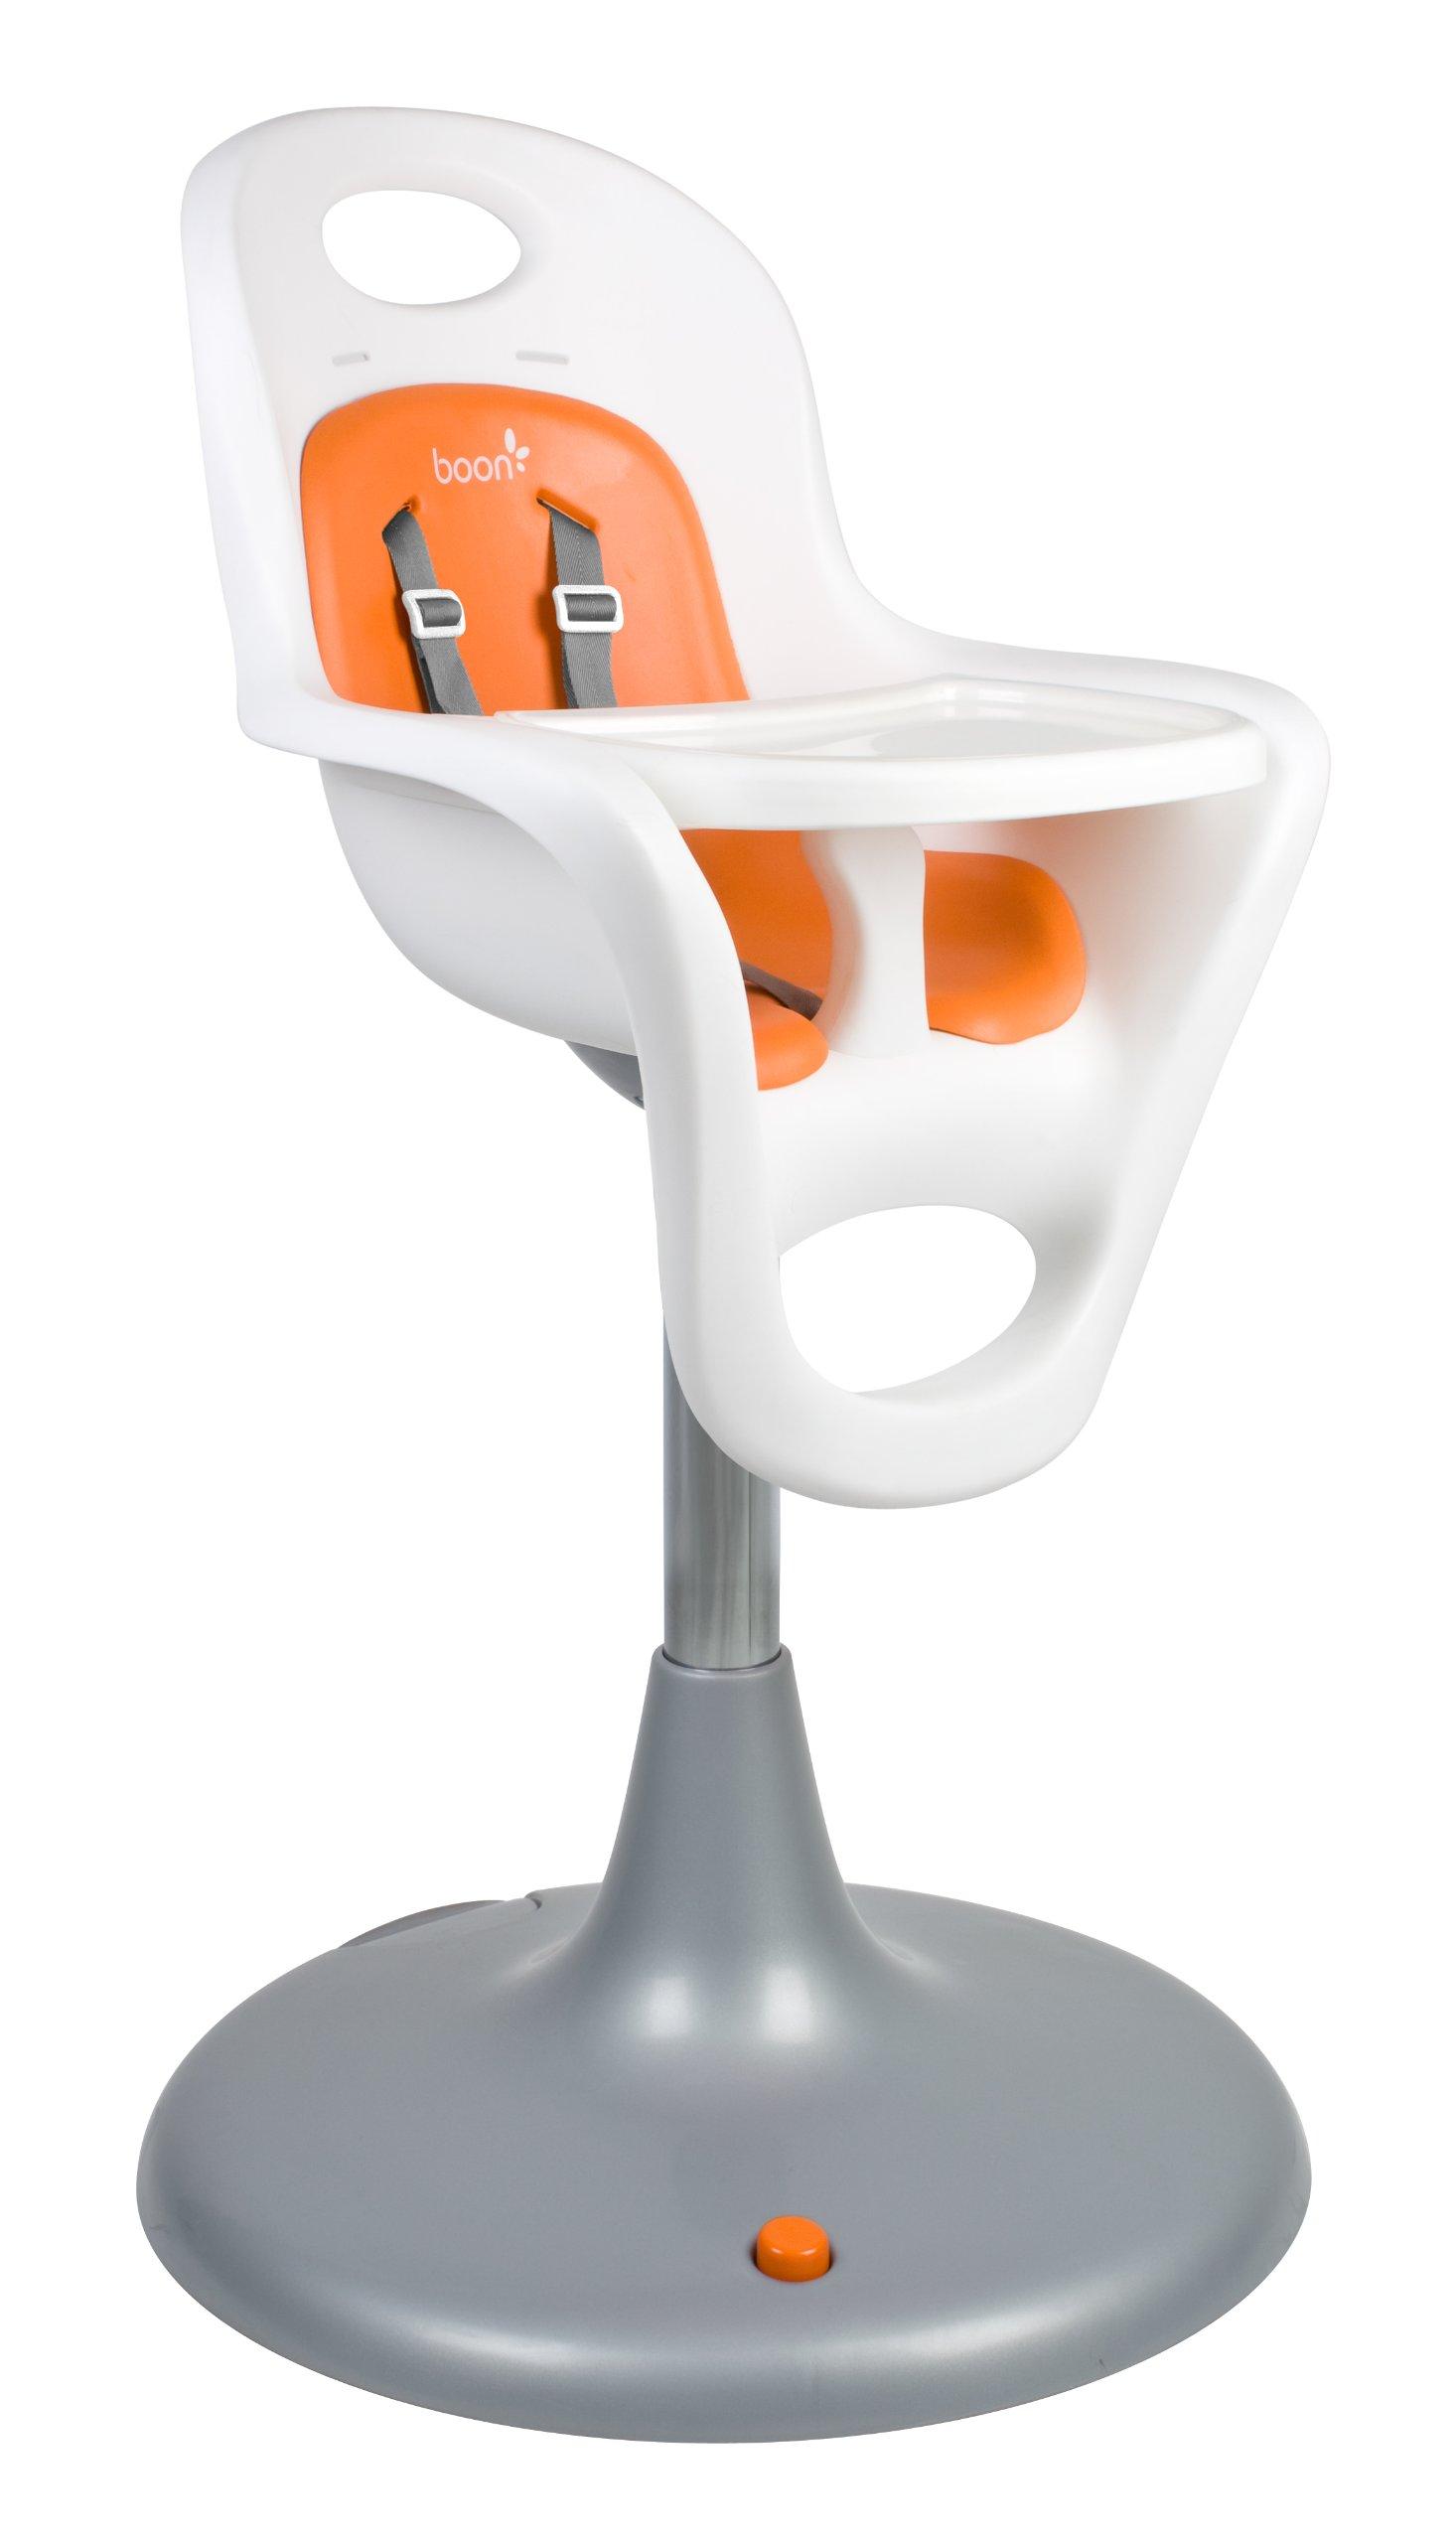 Boon Flair Highchair - Orange Pad - White Base